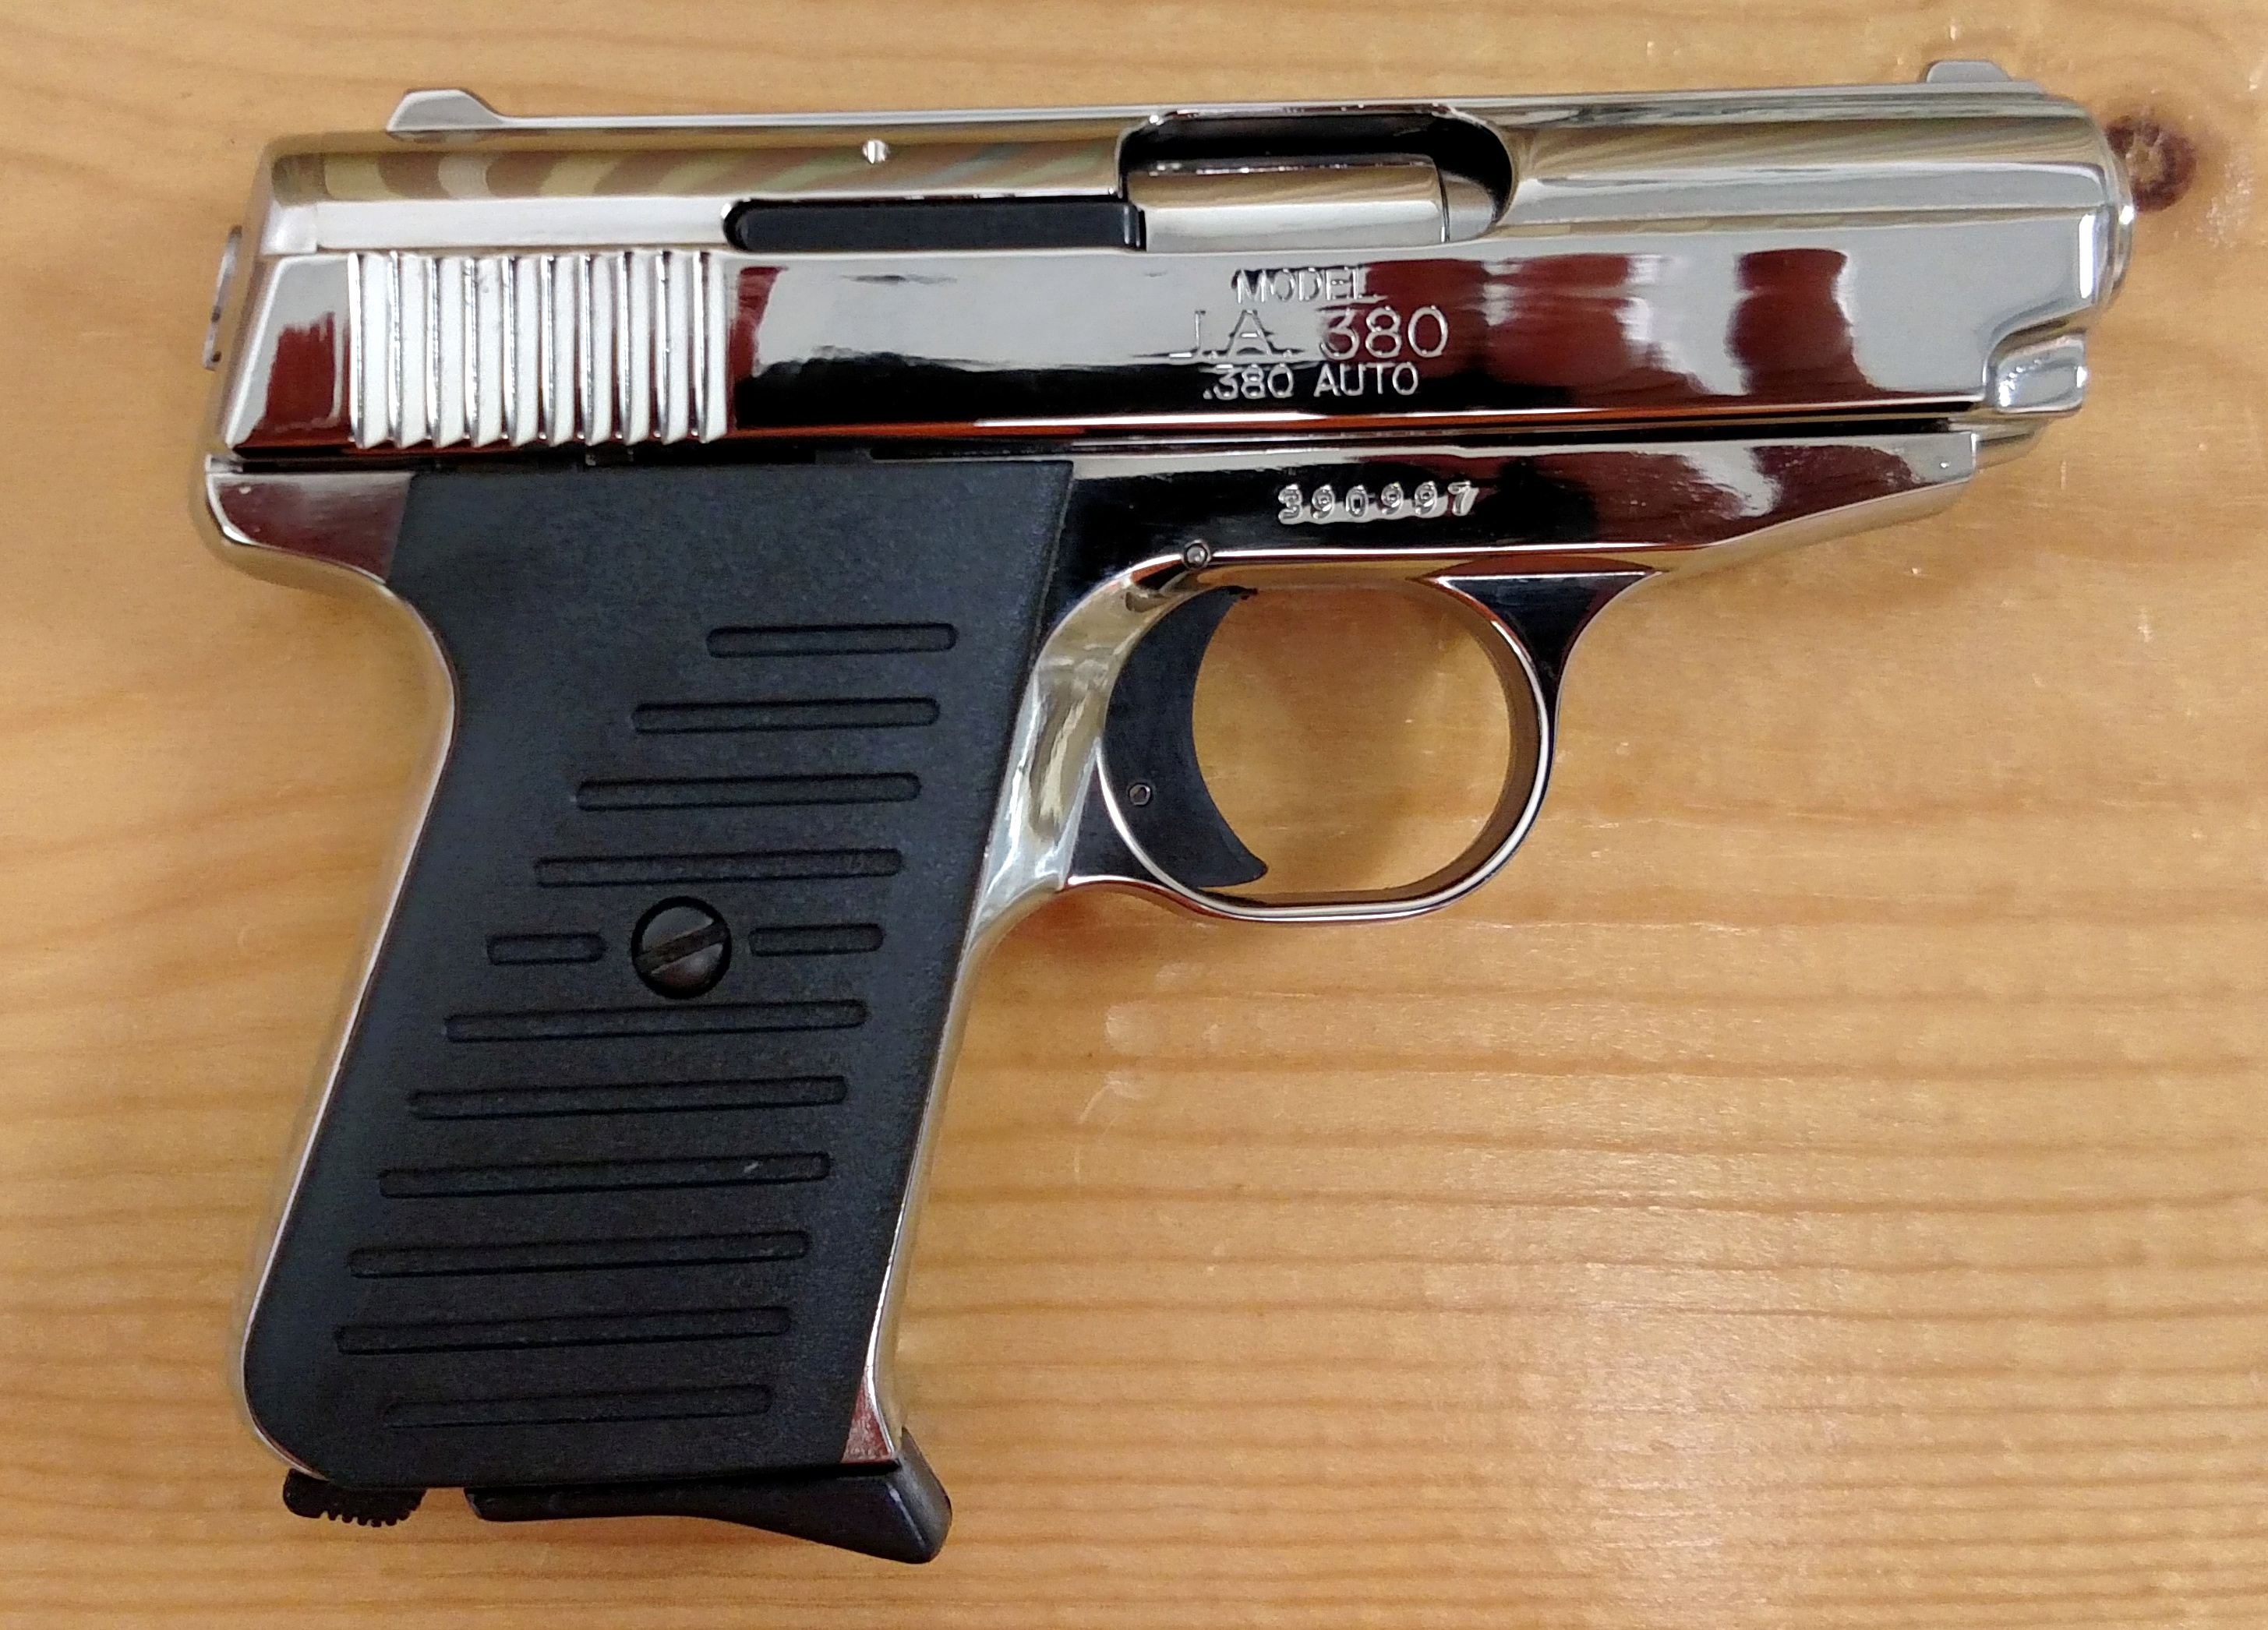 Brand NEW compact Jimenez Arms J A 380 highly polished